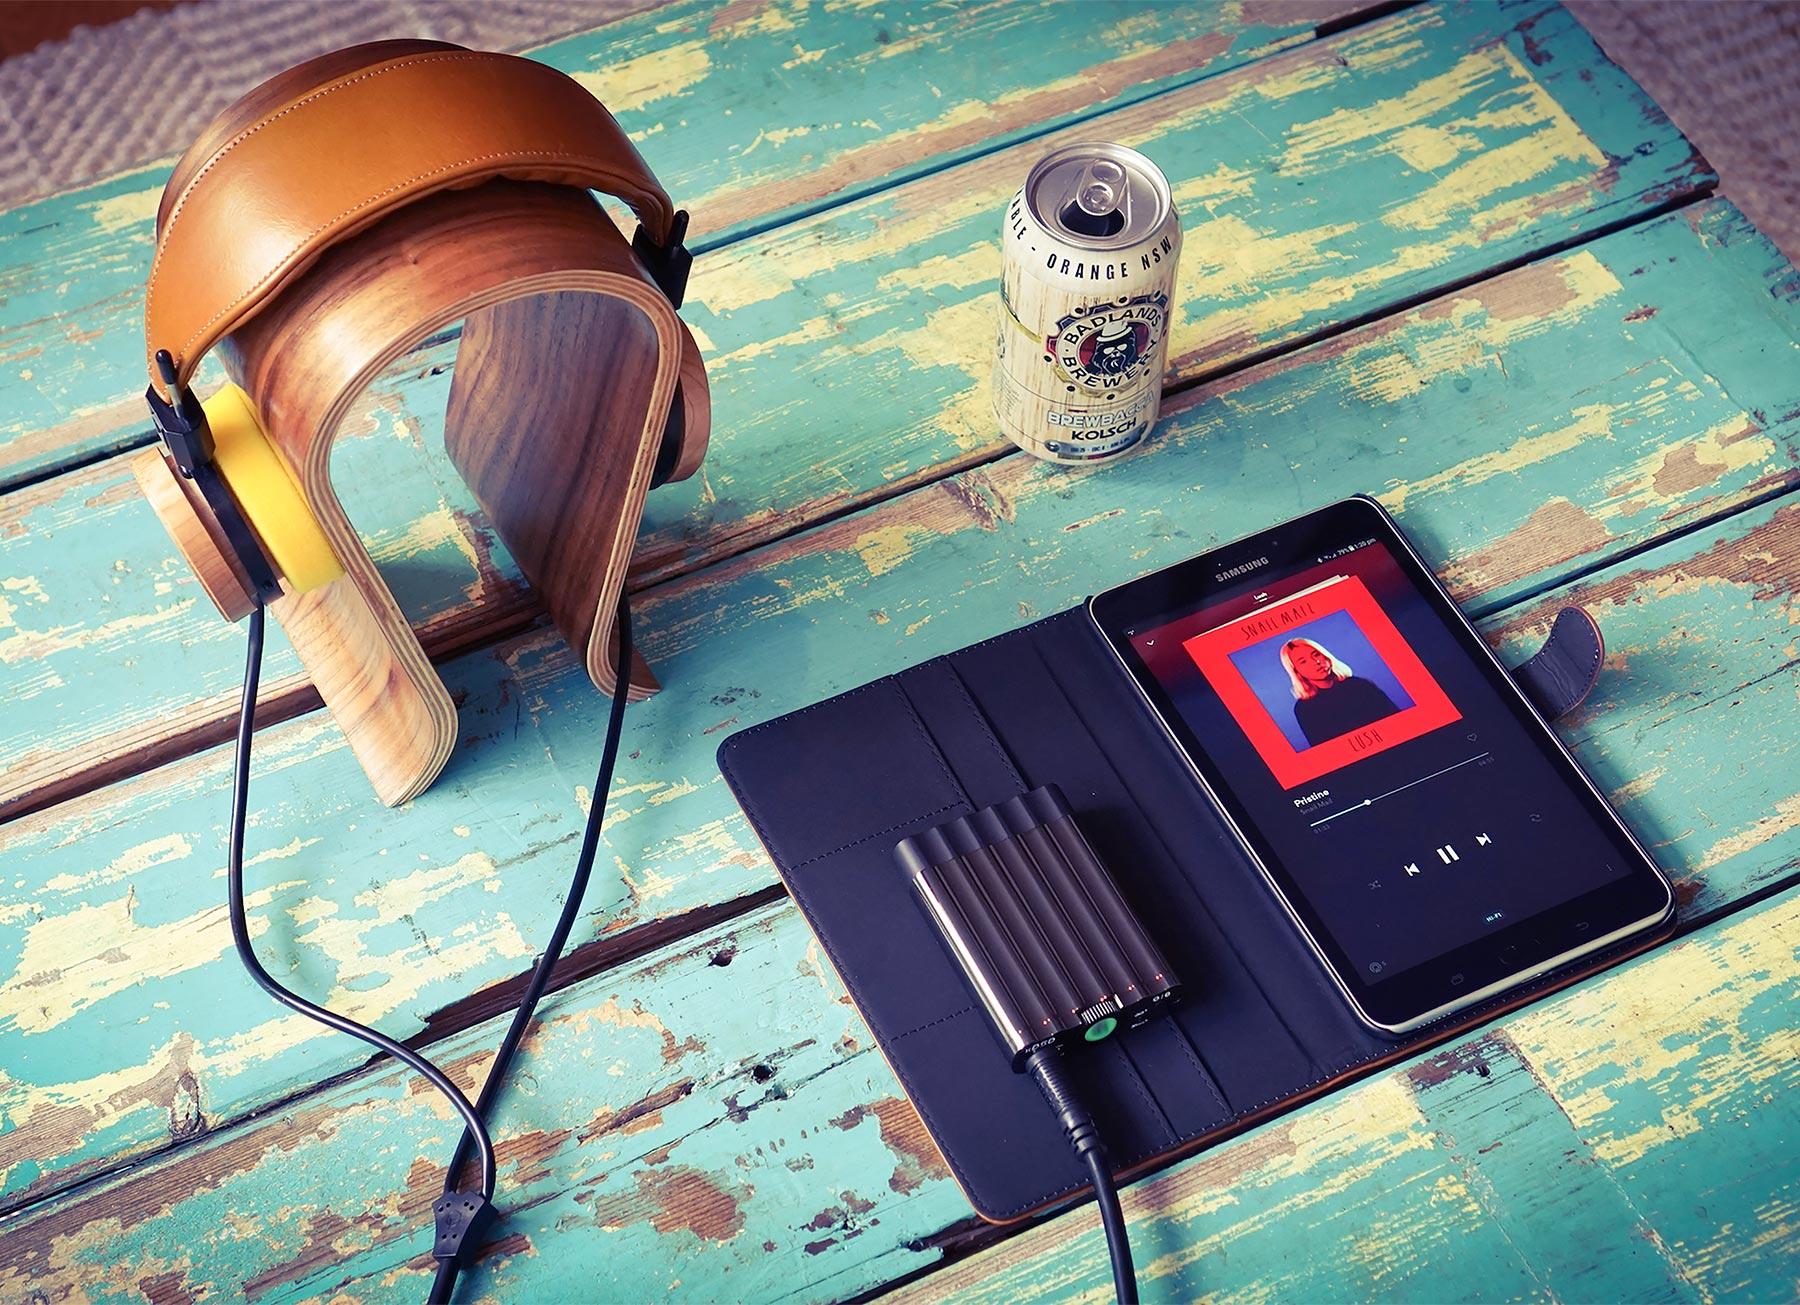 xDSD by iFi audio | Award-Winning Bluetooth DAC and